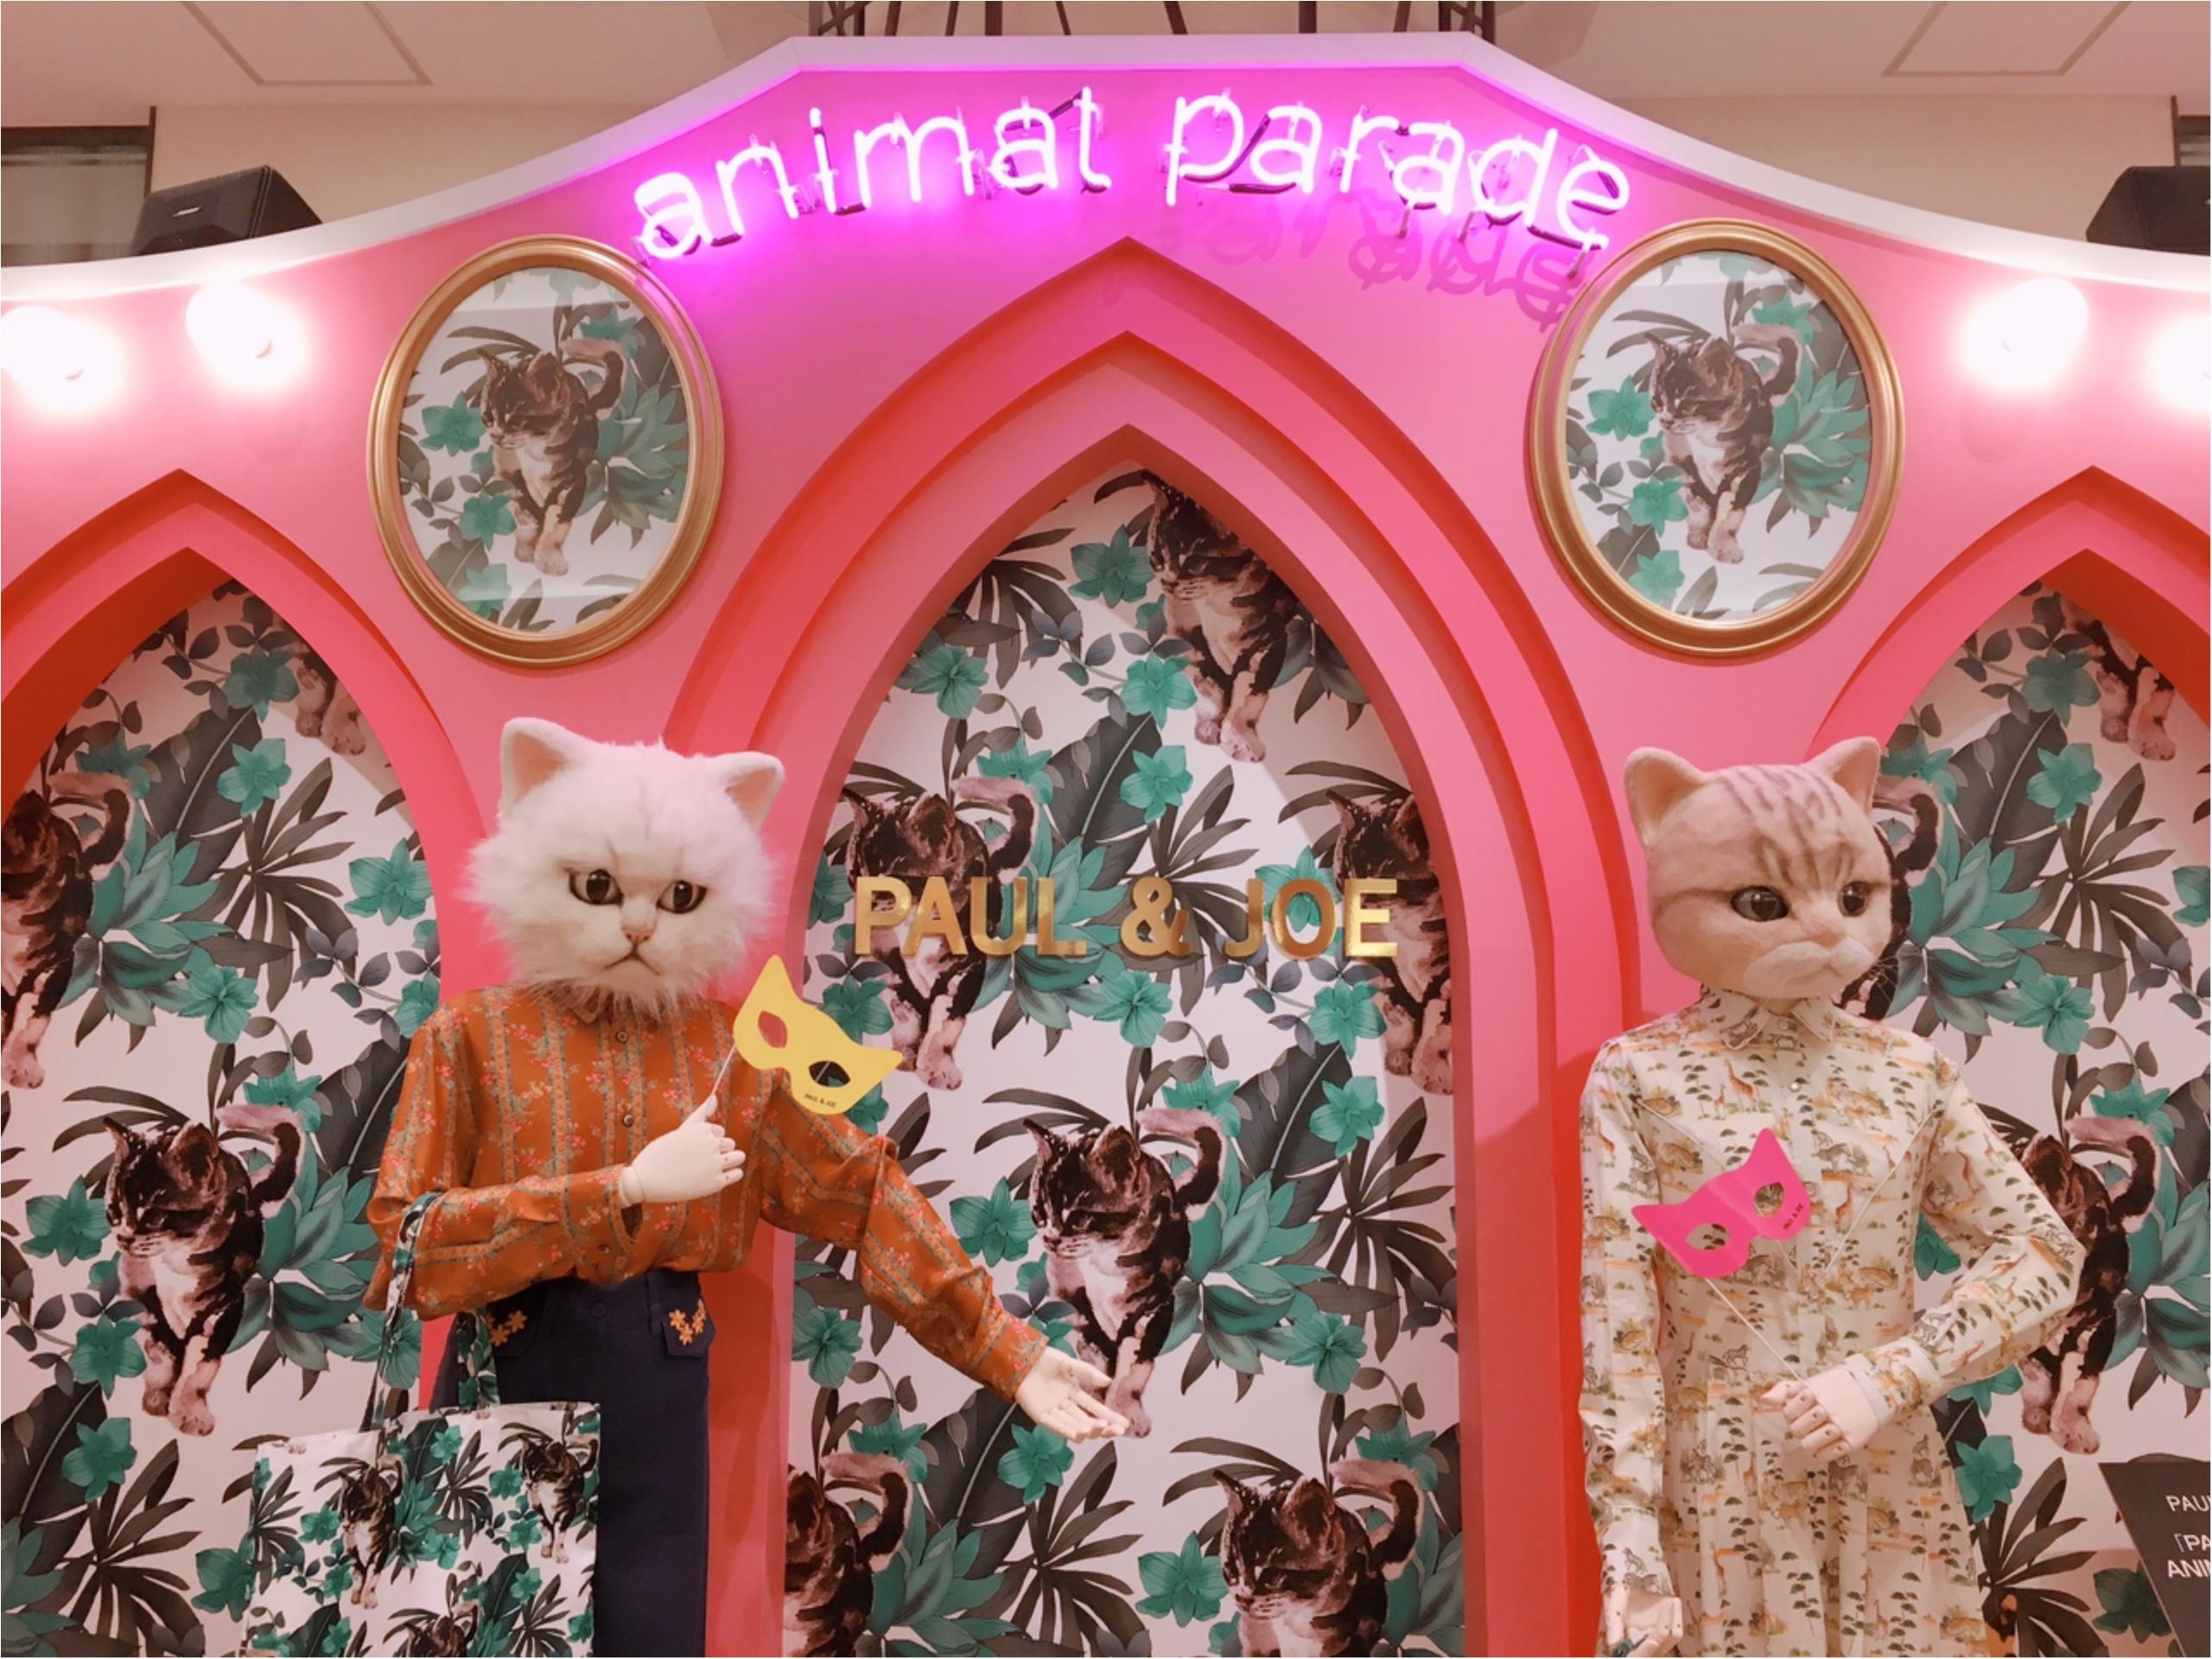 《2/14まで》限定ネコ型リップがかわいい【ポール & ジョー ボーテ】『ANIMAL PARADE(アニマルパレード)』イベント開催中!_5